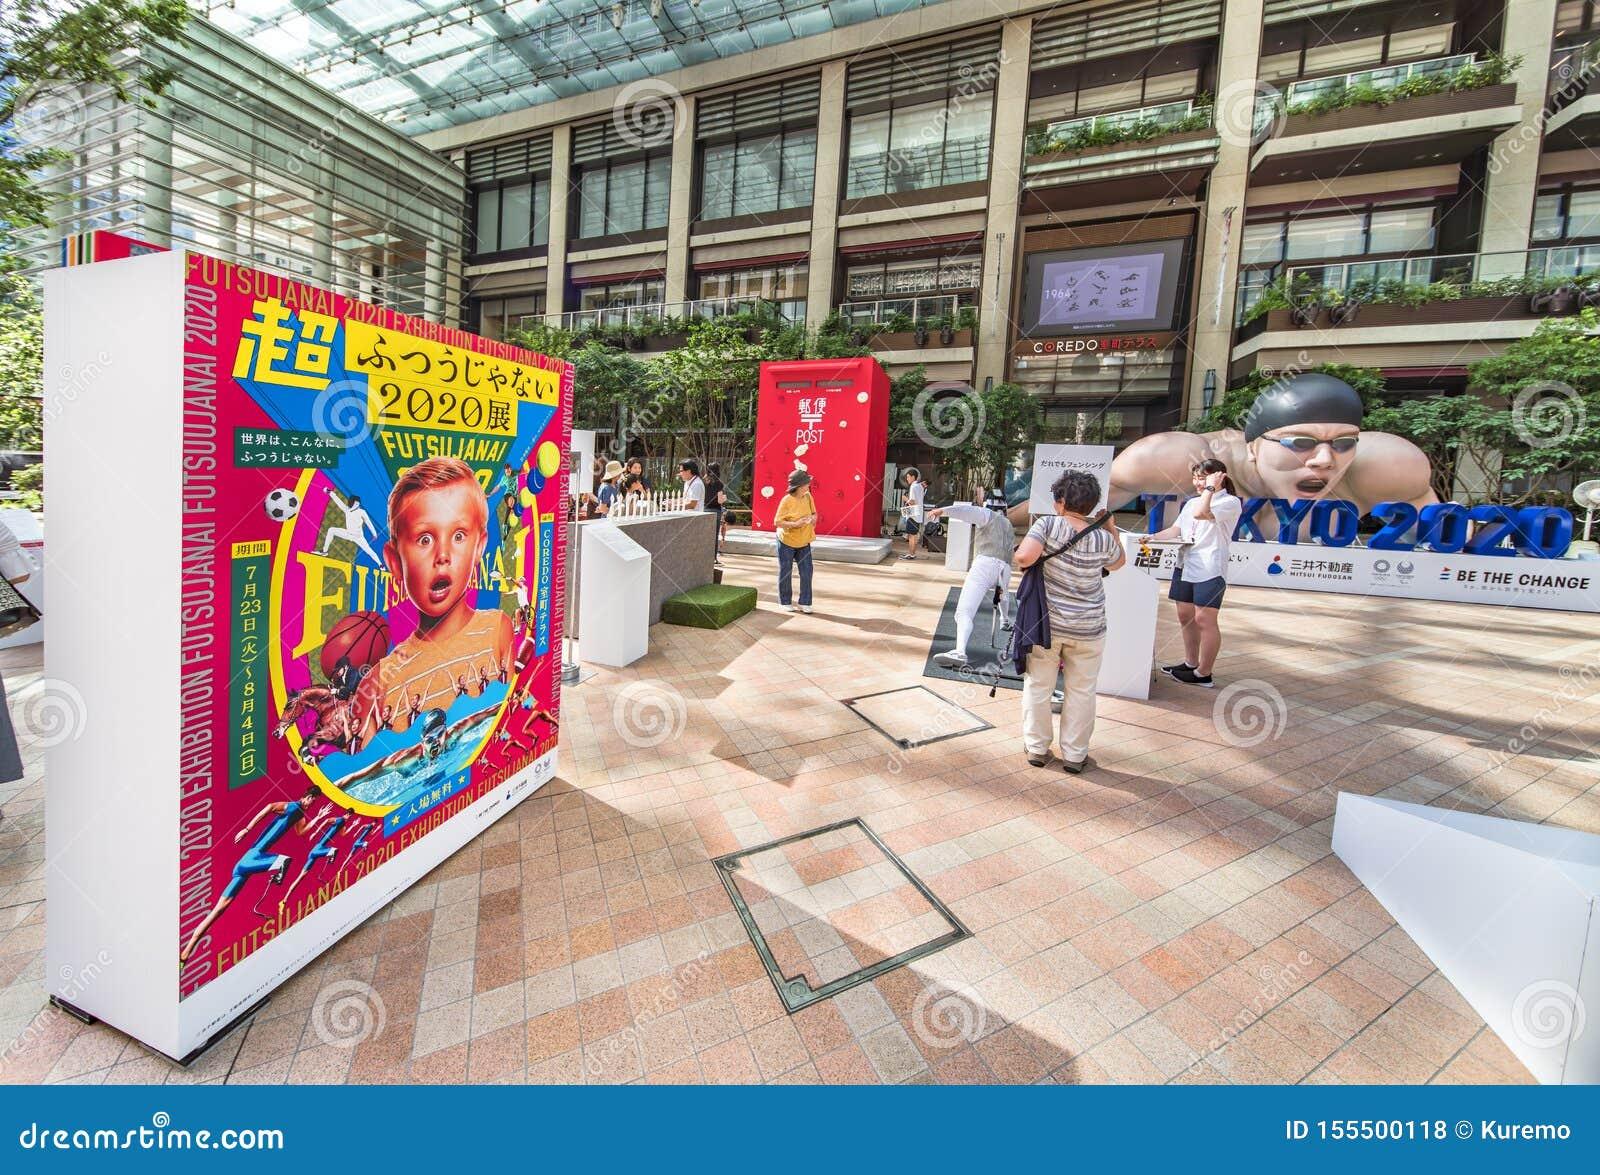 Wydarzenie «Był zmianą Tokio 2020 «w Tokio w 2020 organizujący na temacie przyszłościowe olimpiady